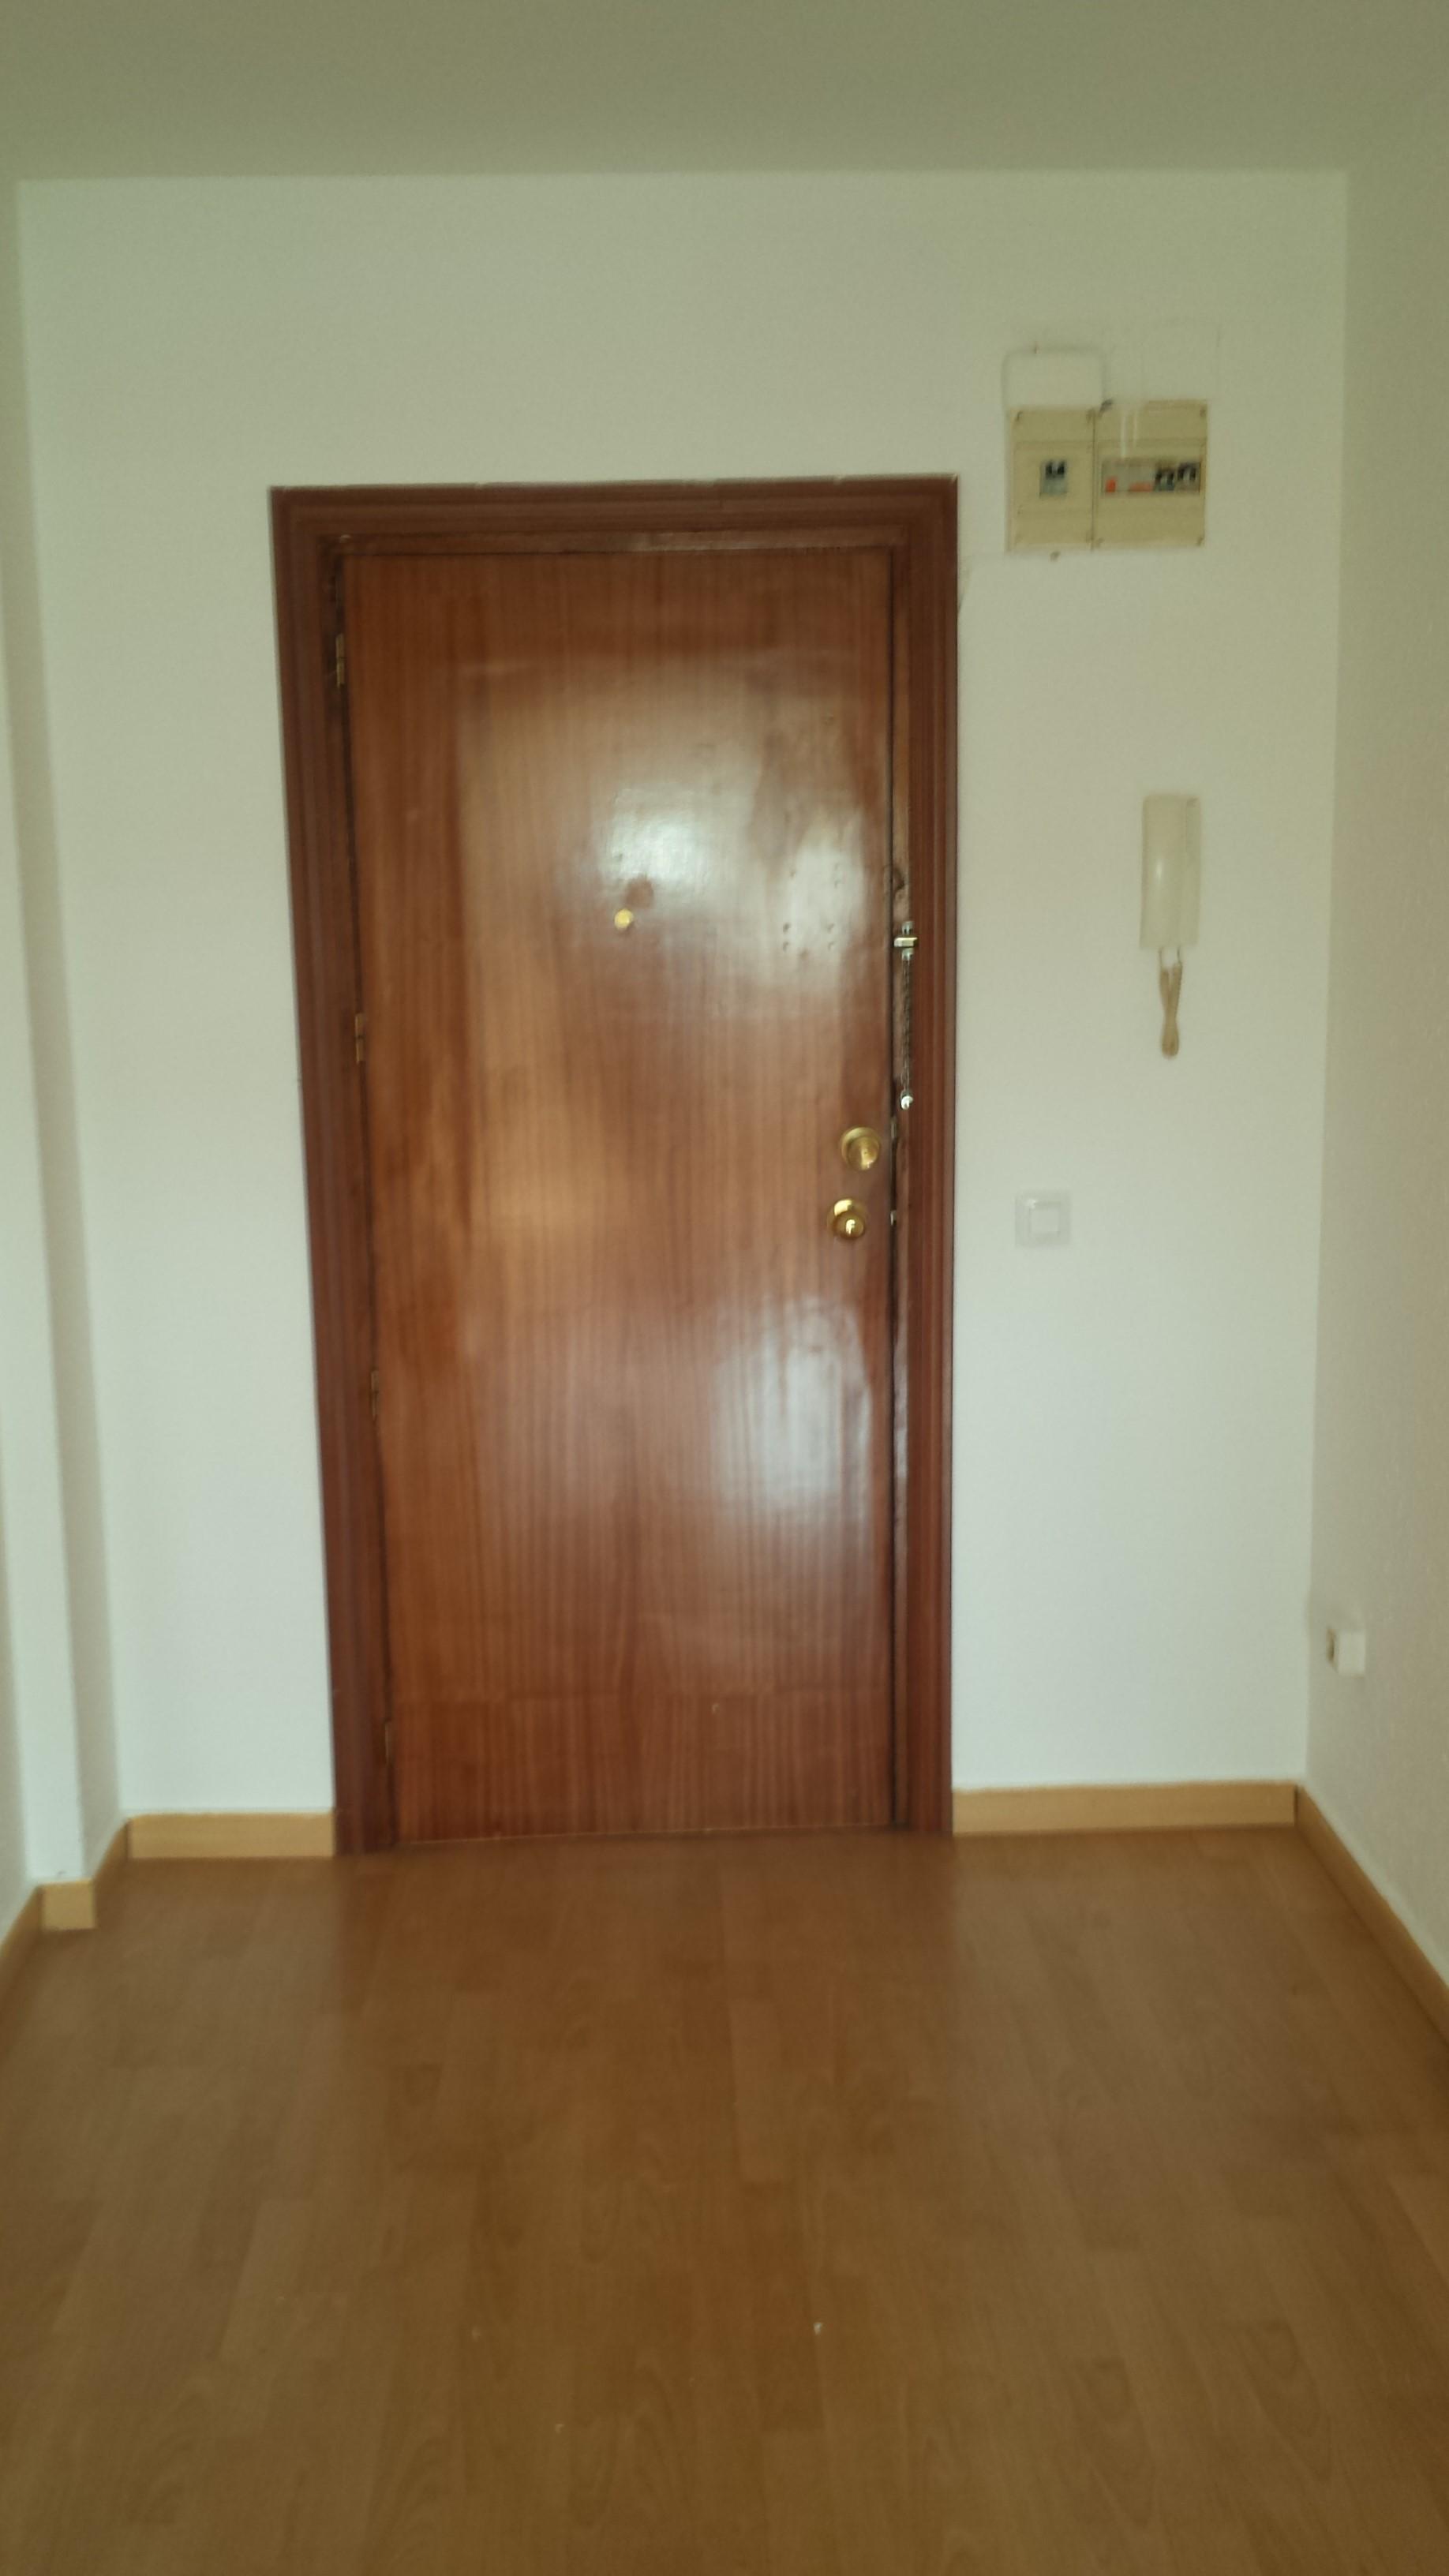 Piso en venta en Mérida, Mérida, Badajoz, Calle Juan Carlos I, 93.000 €, 3 habitaciones, 1 baño, 112 m2